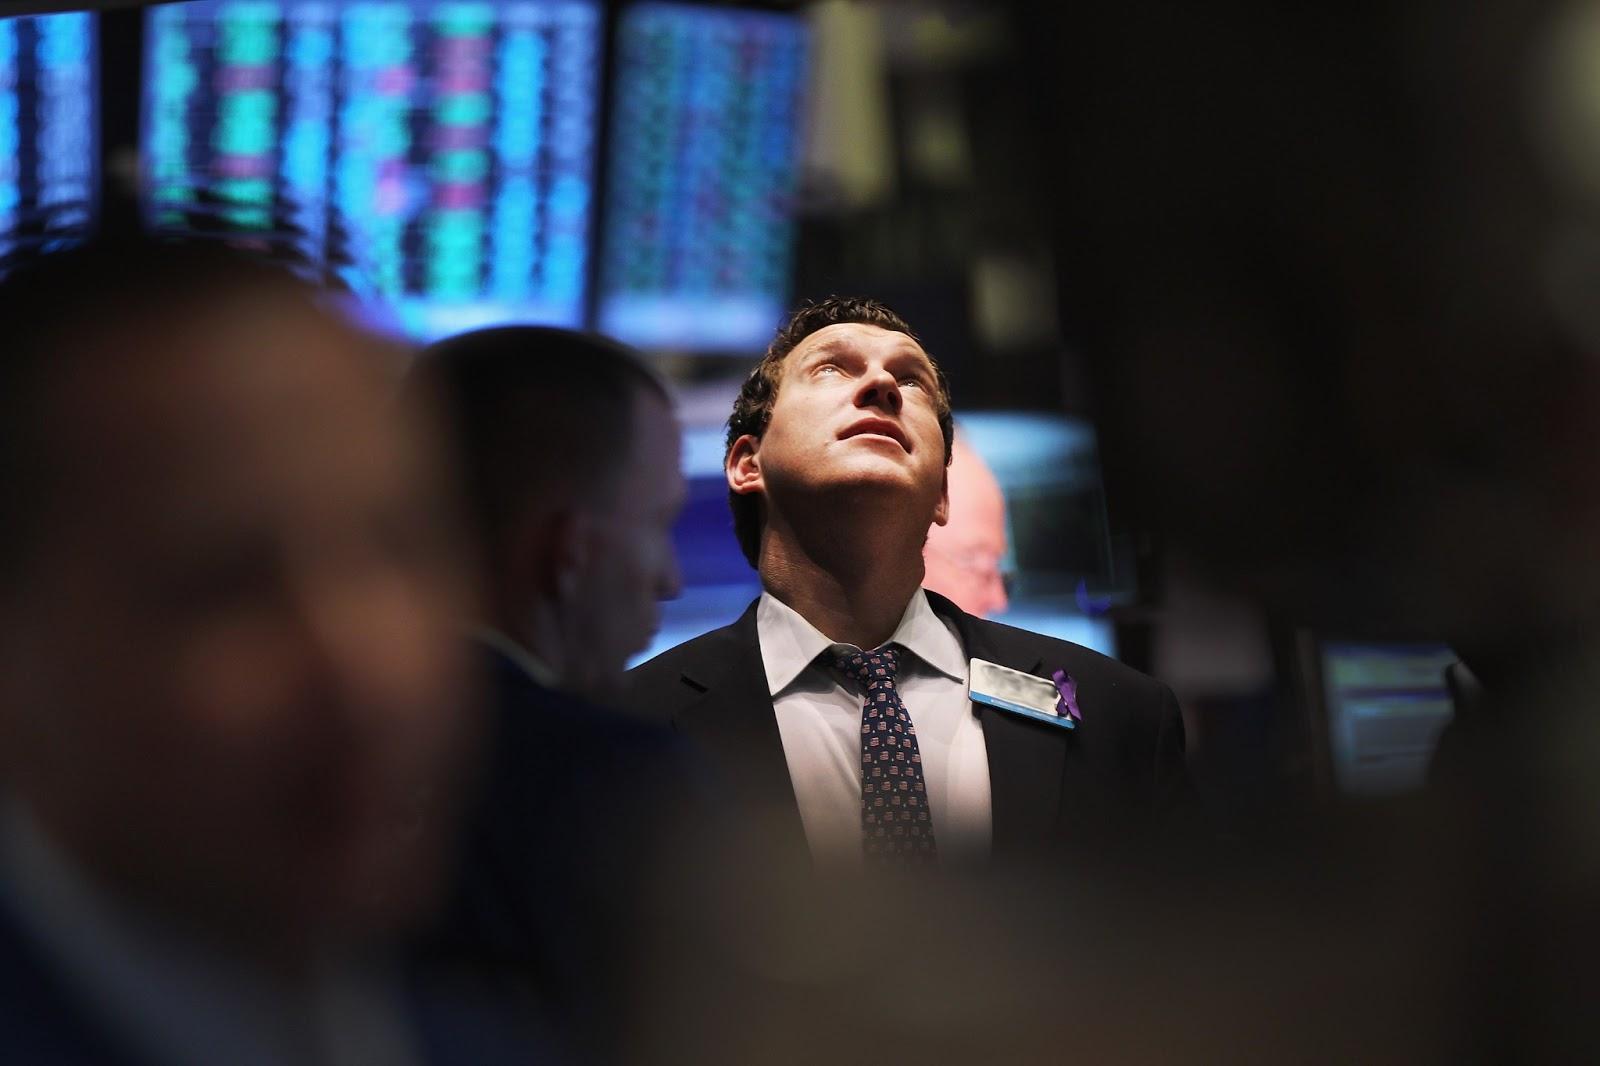 За минувшую неделю иностранные инвесторы вывели из России всё, что вложили неделей раньше.